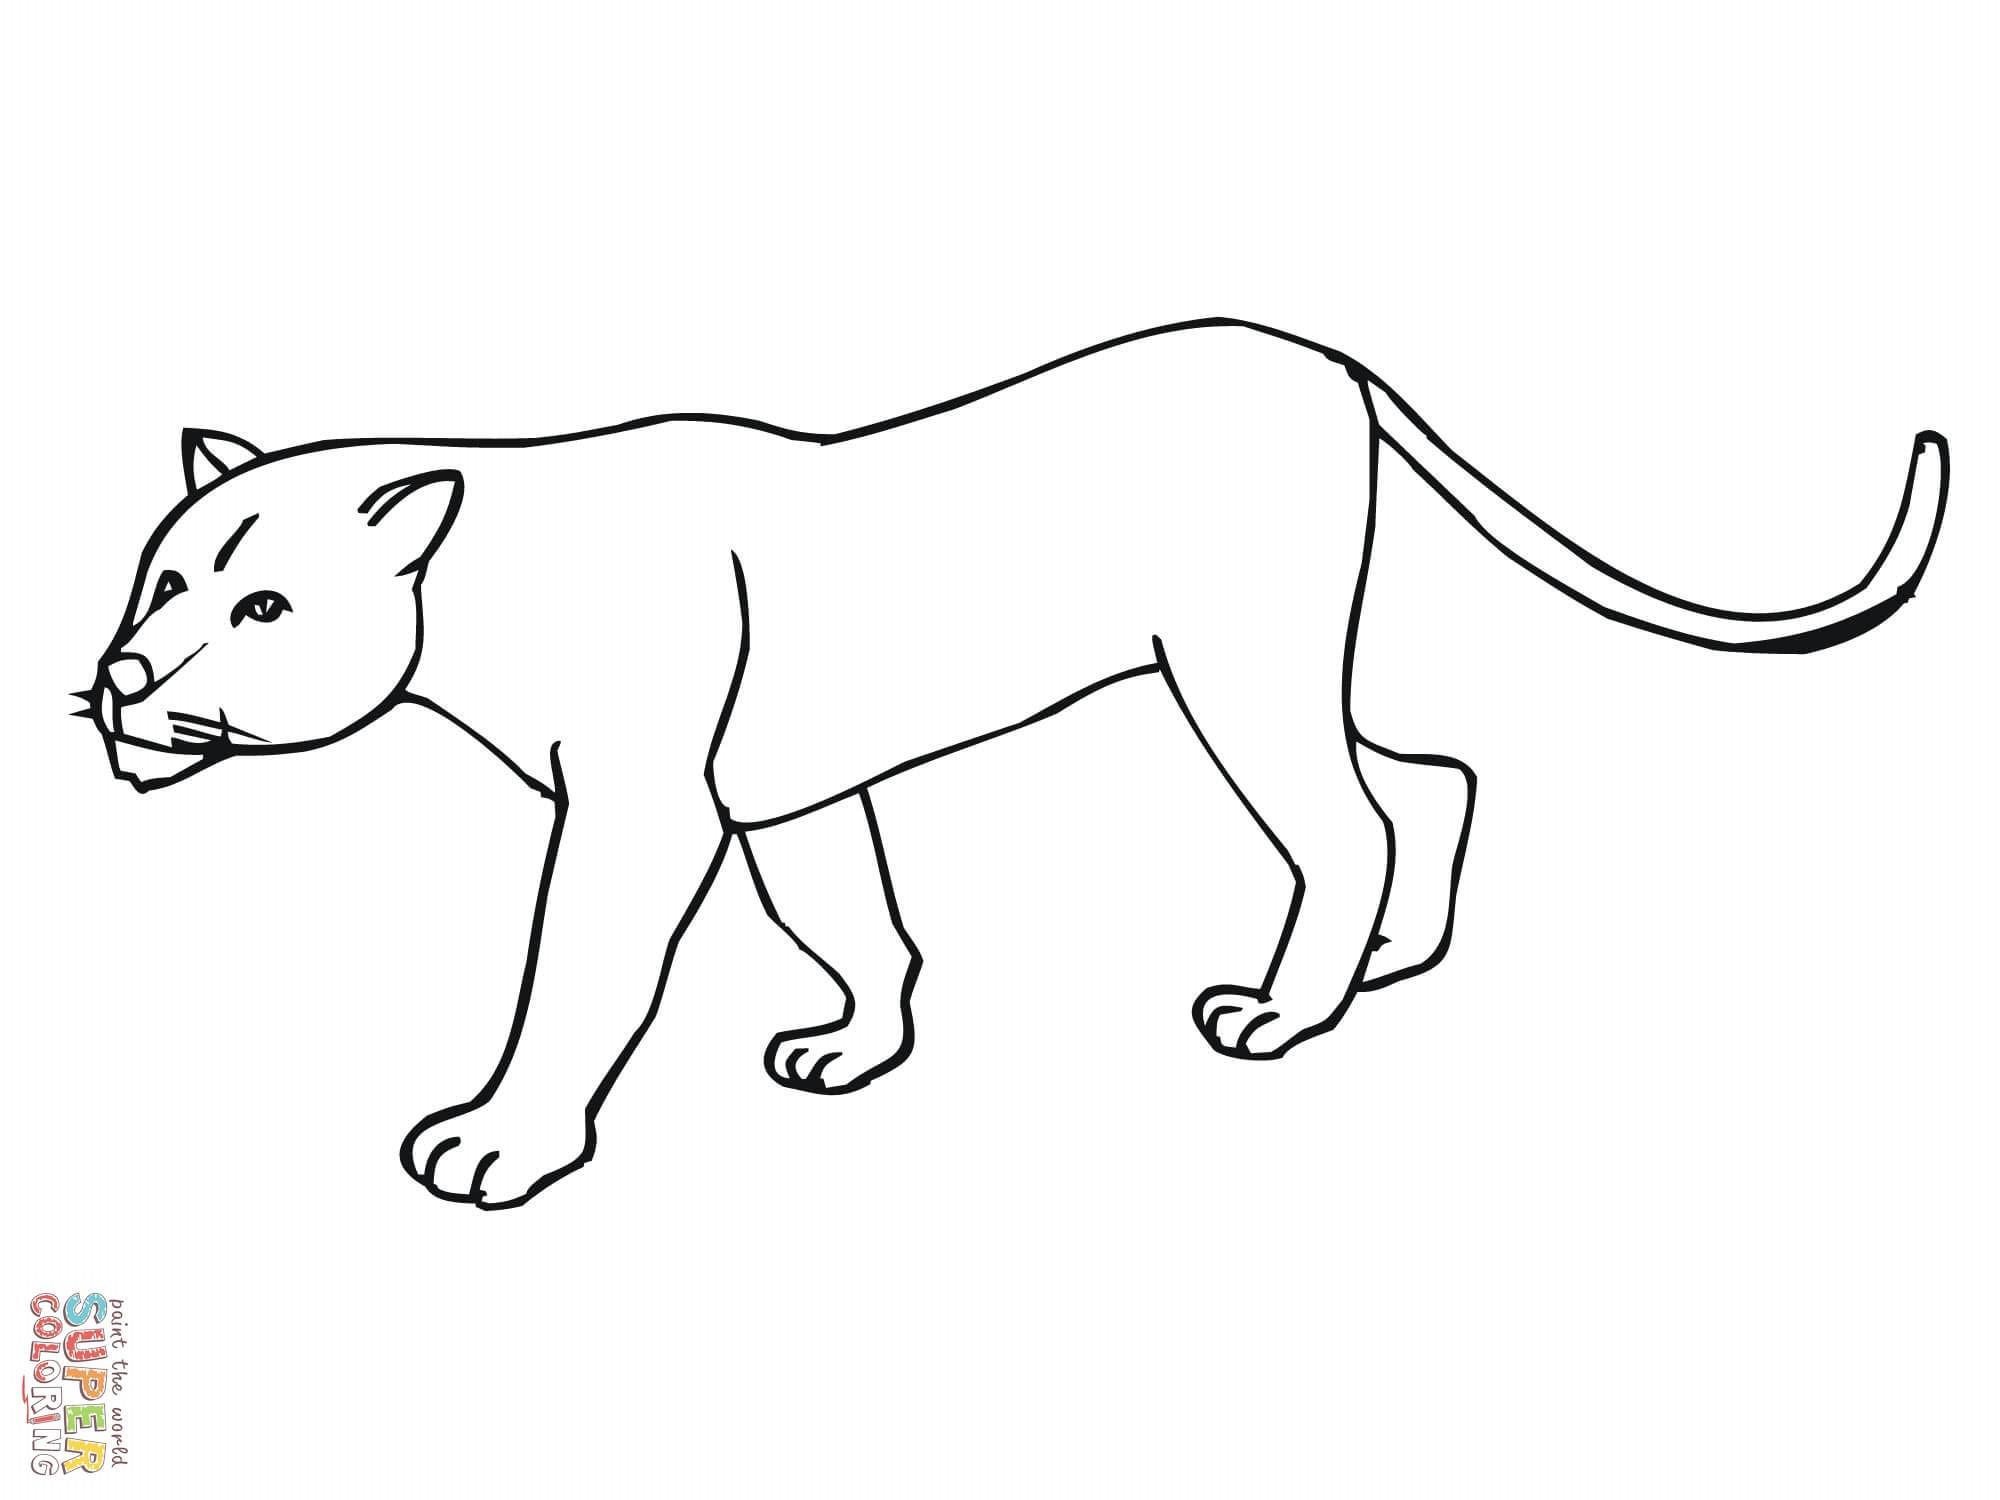 Dessin de cougar a colorier et imprimer